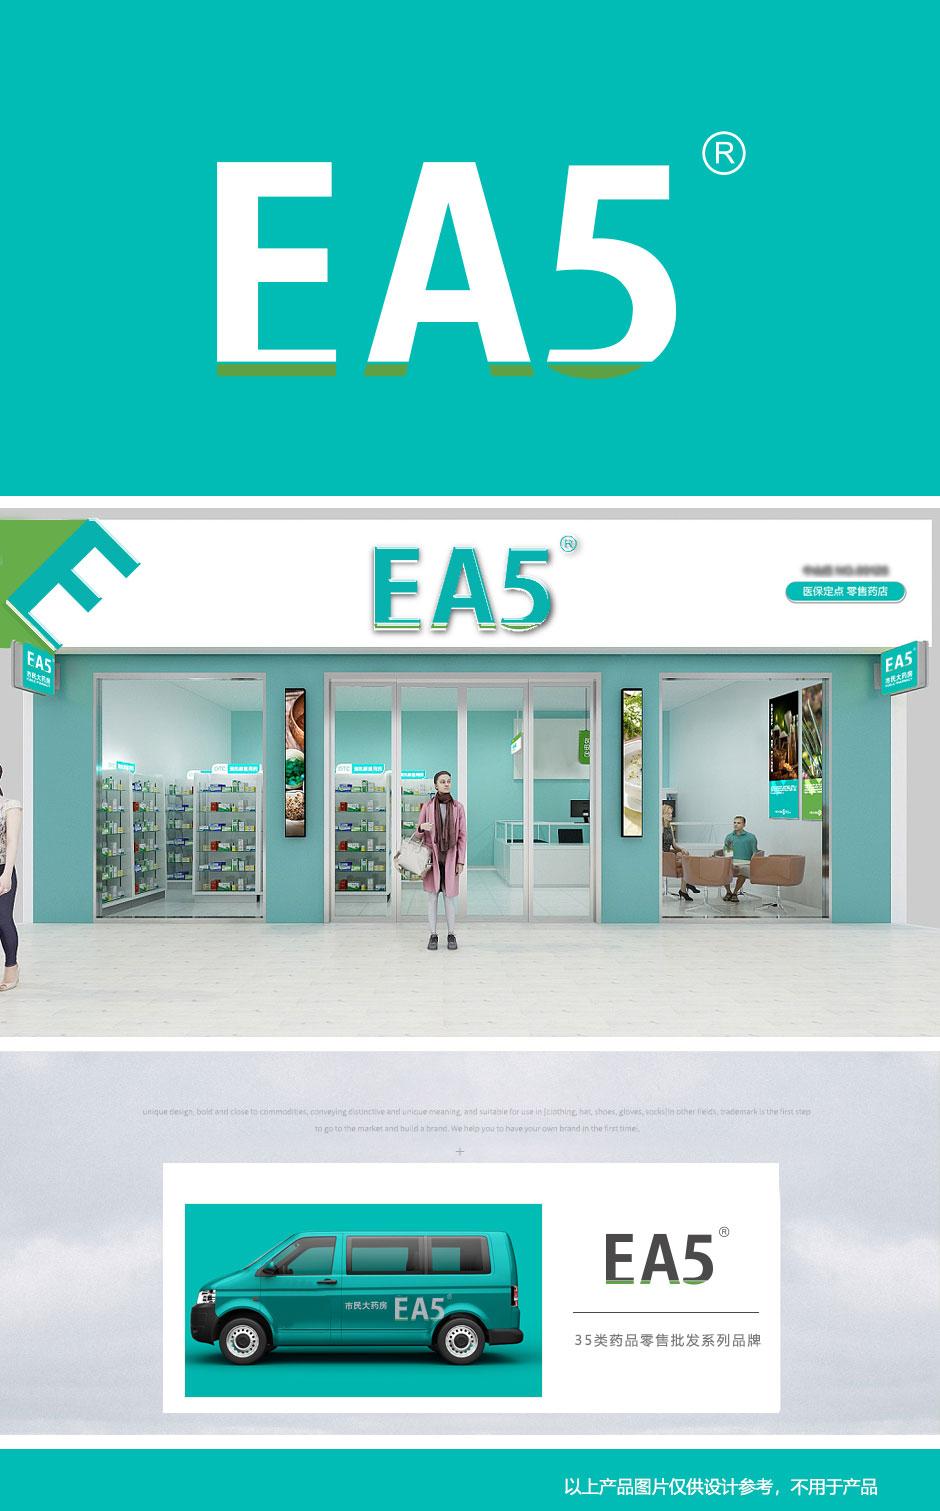 第35类-EA 5